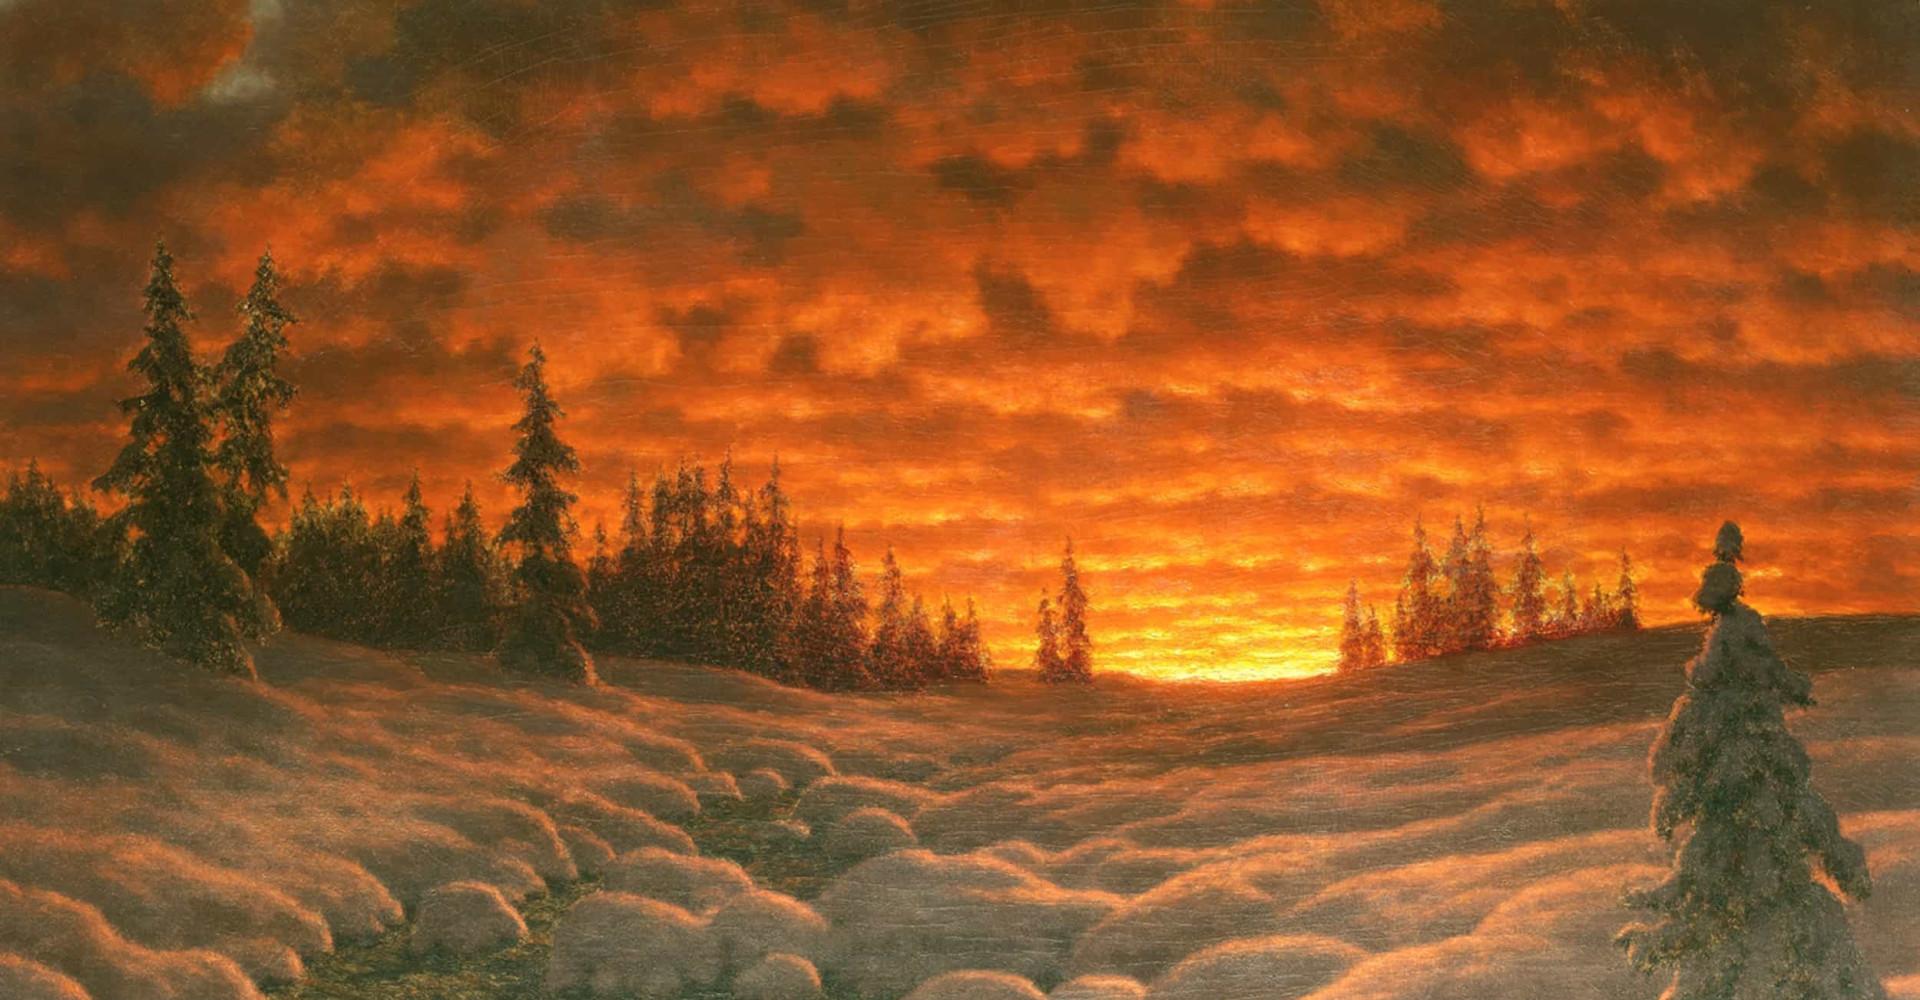 Des scènes hivernales peintes avec un réalisme fou